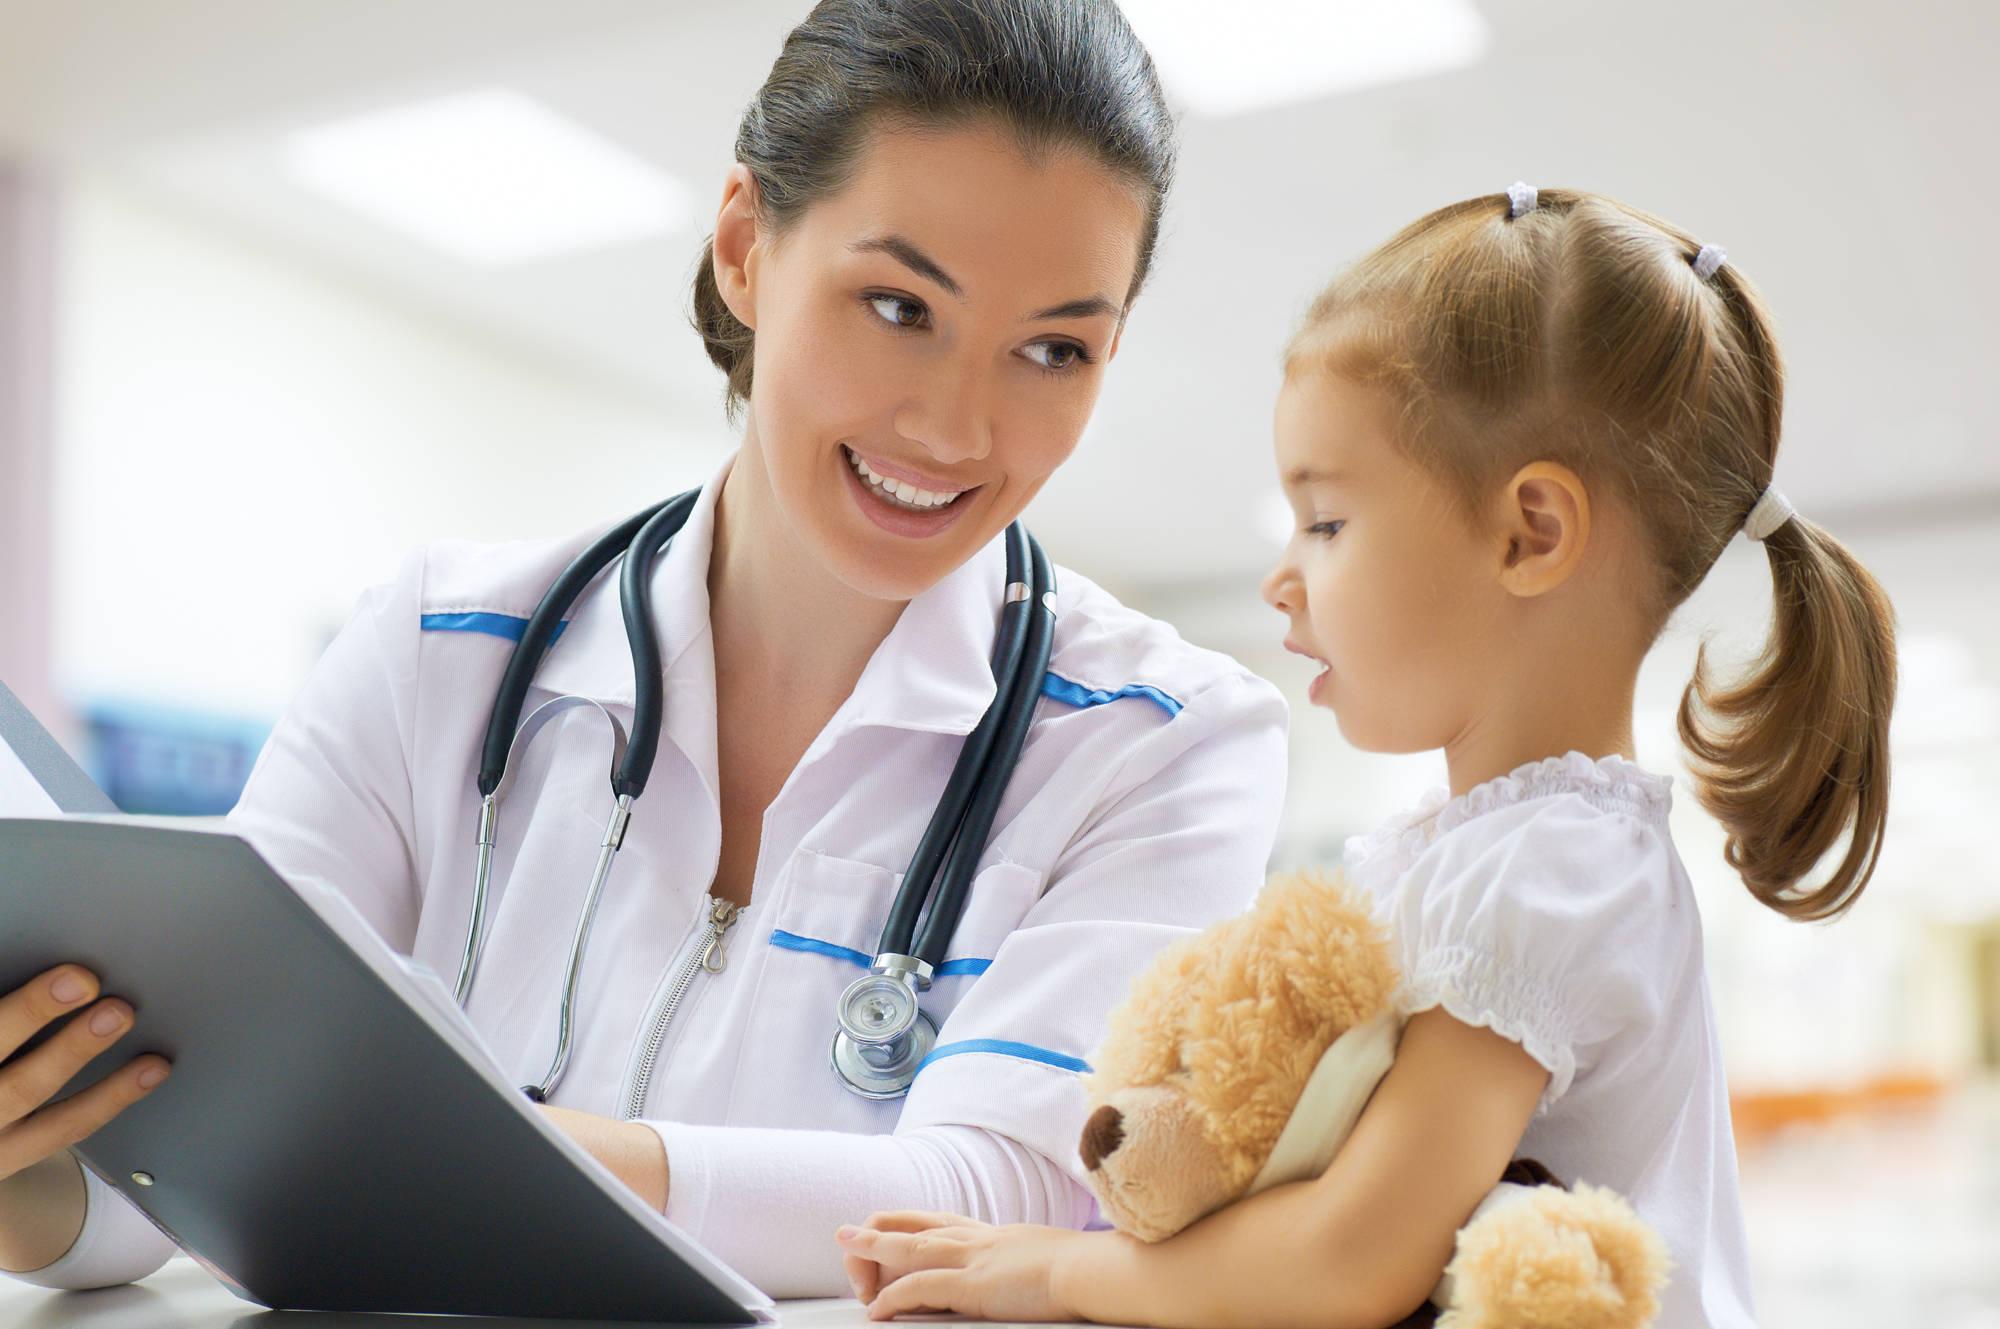 фото врачей с детьми нужно нее сделать